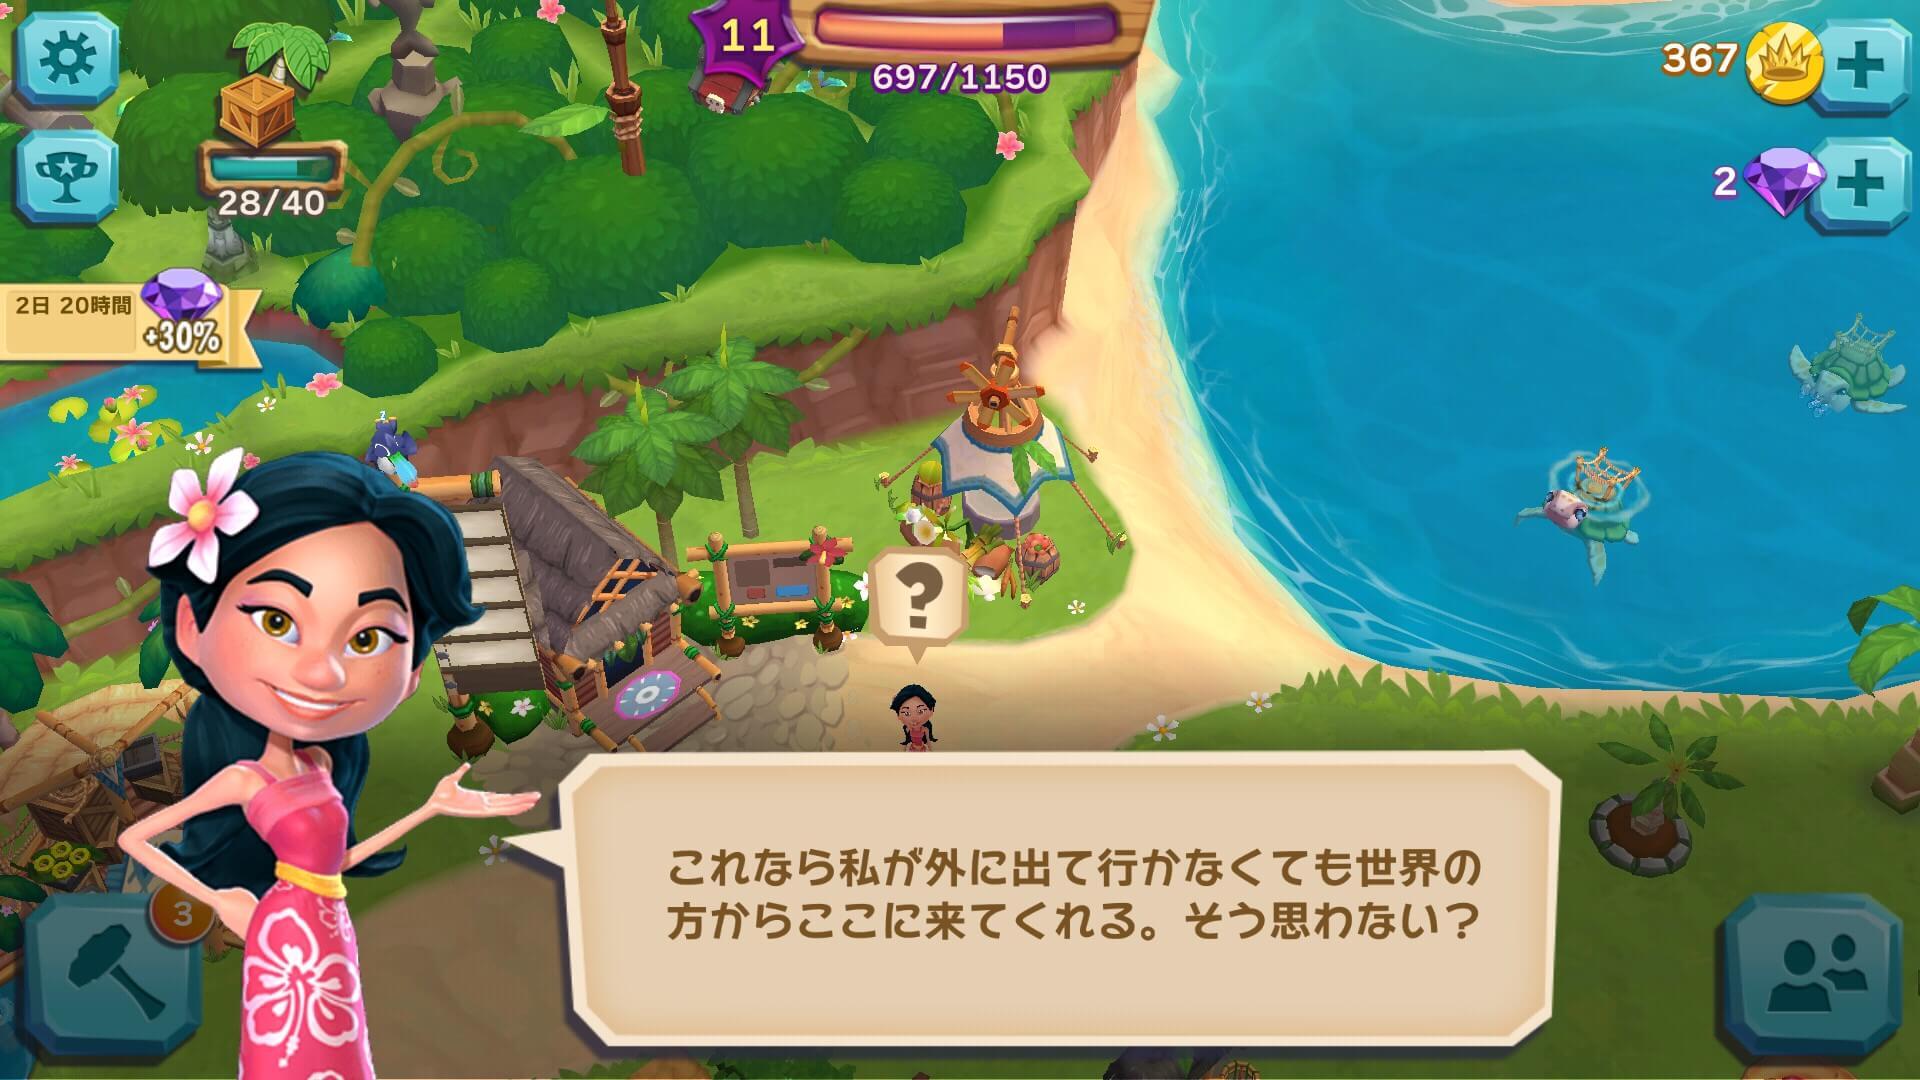 島を盛り上げれば、世界の人々から島に来てくれると考えるヒロインです。